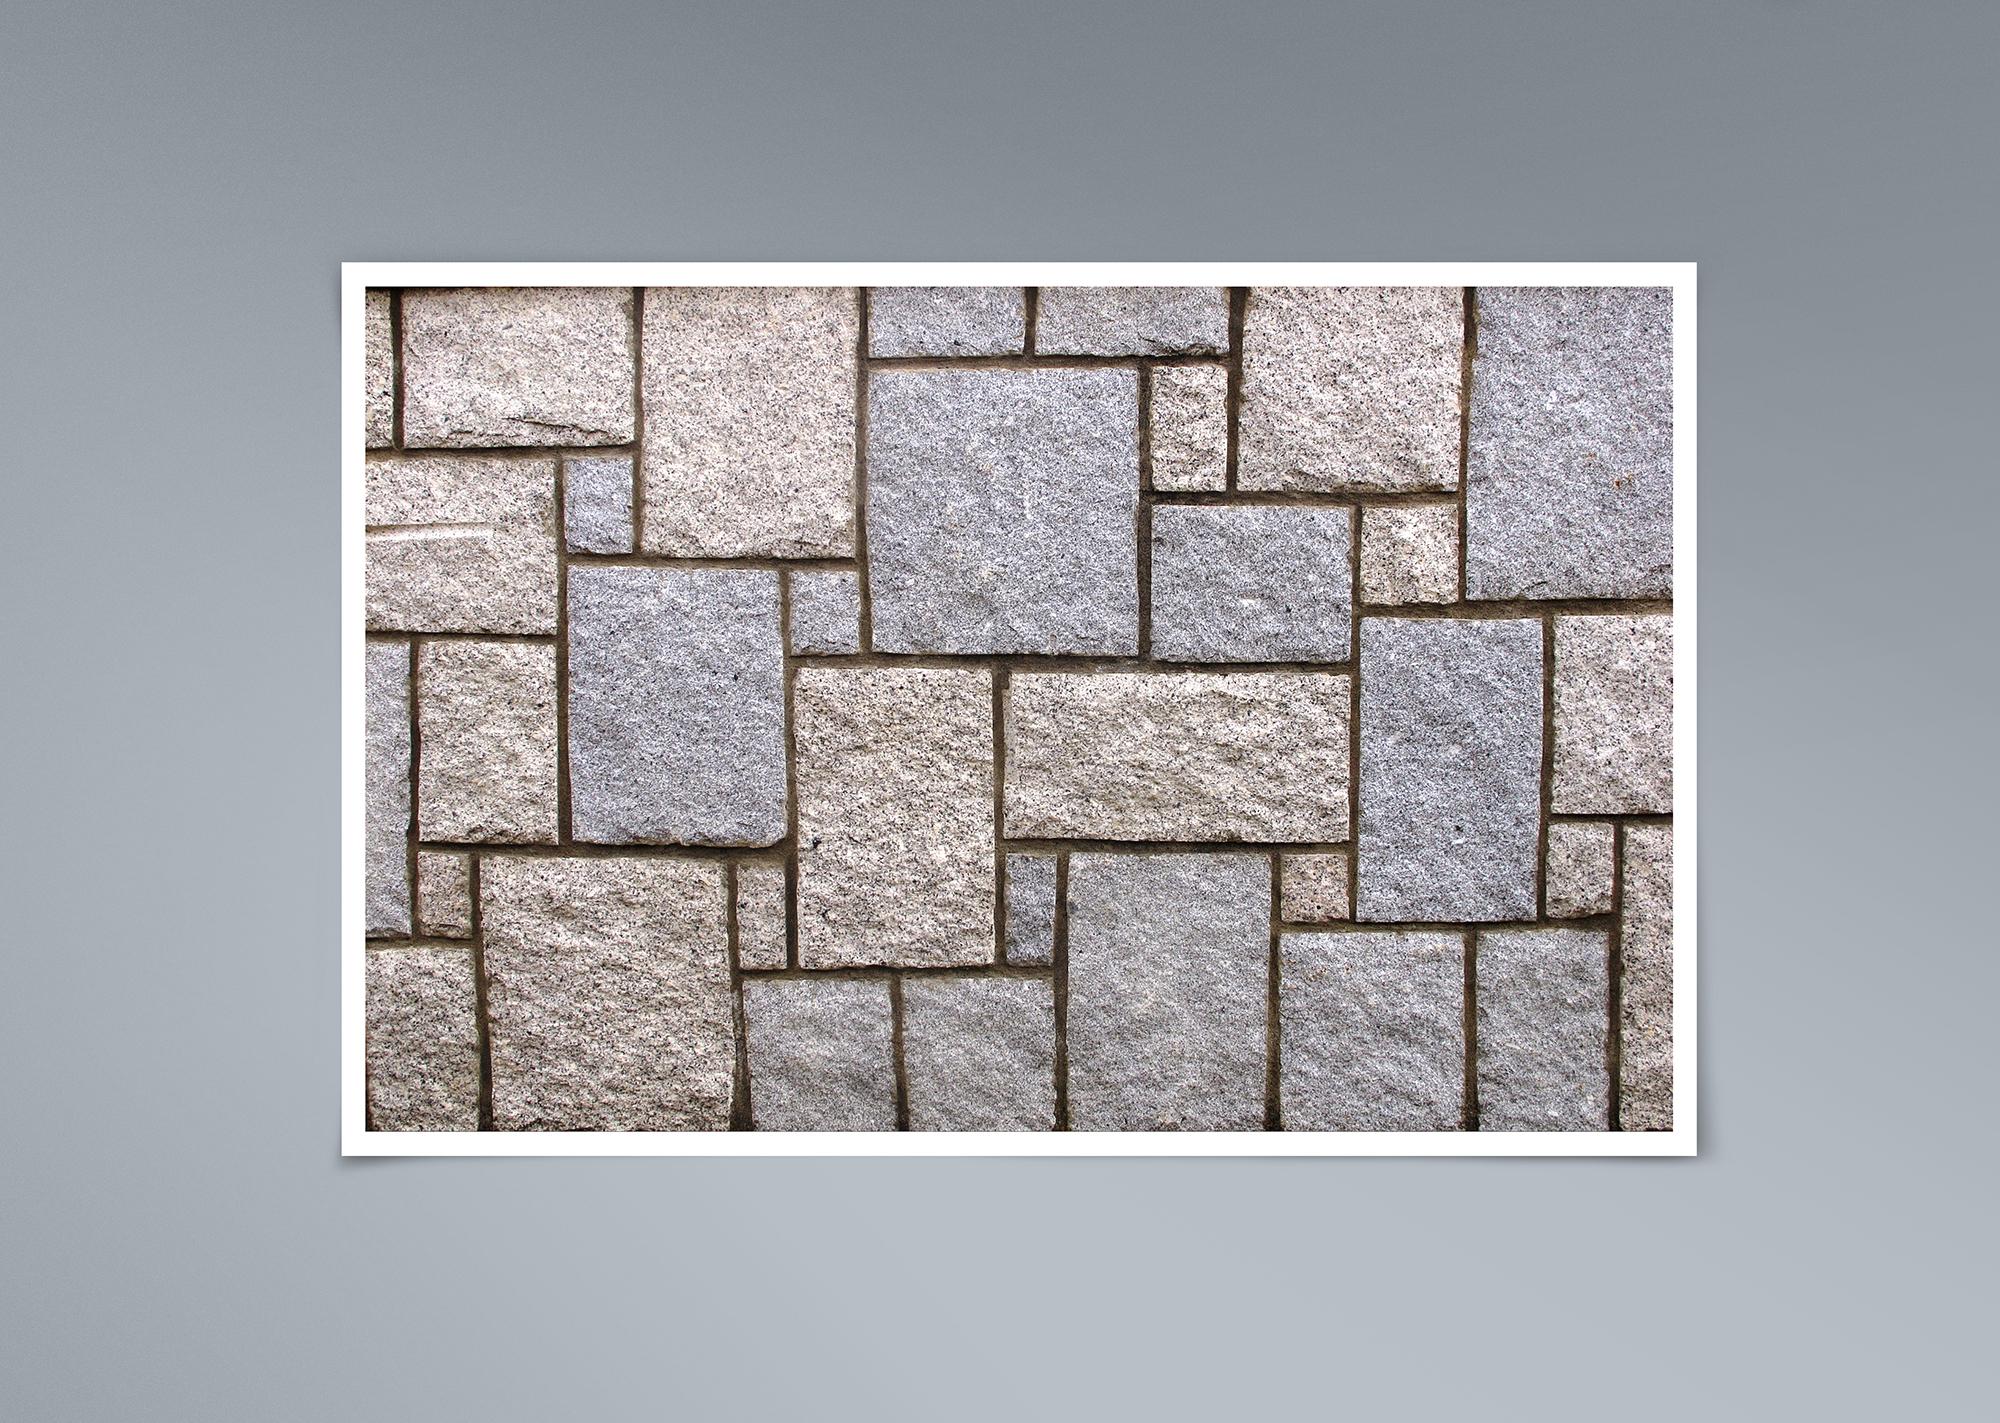 Muro rústico de granito a berrugo